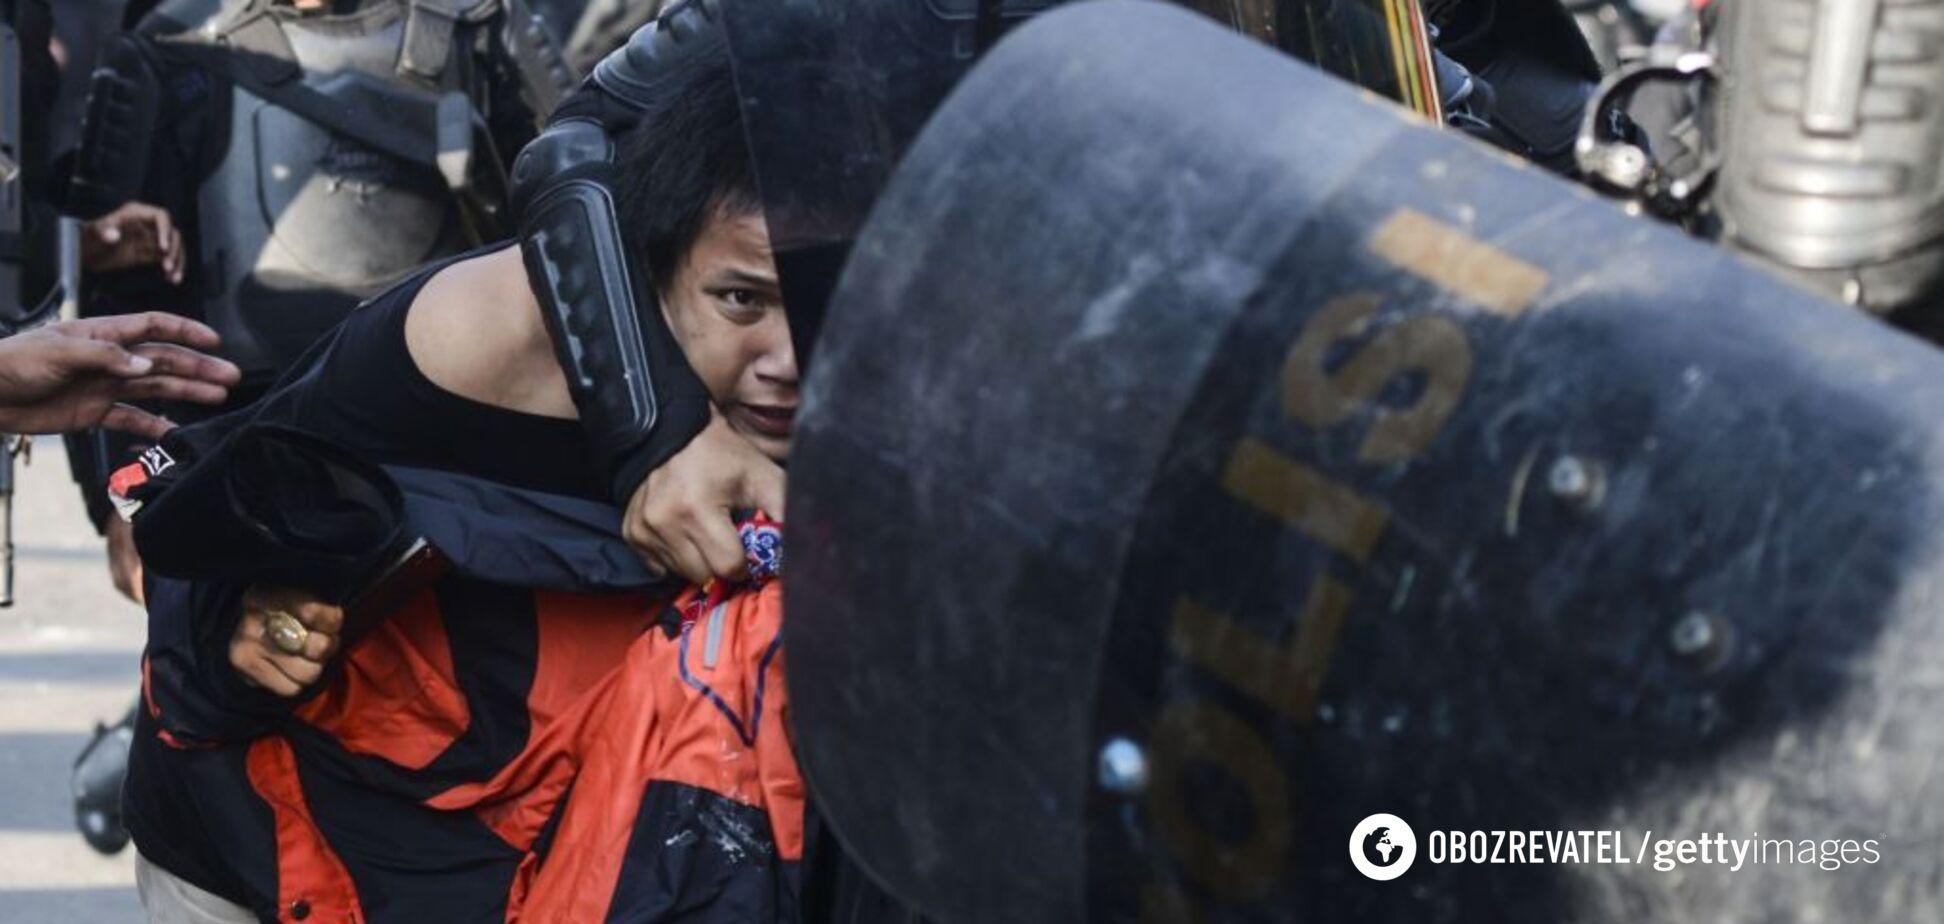 Криваві вибори в Індонезії: у масових протестах загинули 6 осіб, сотні поранених